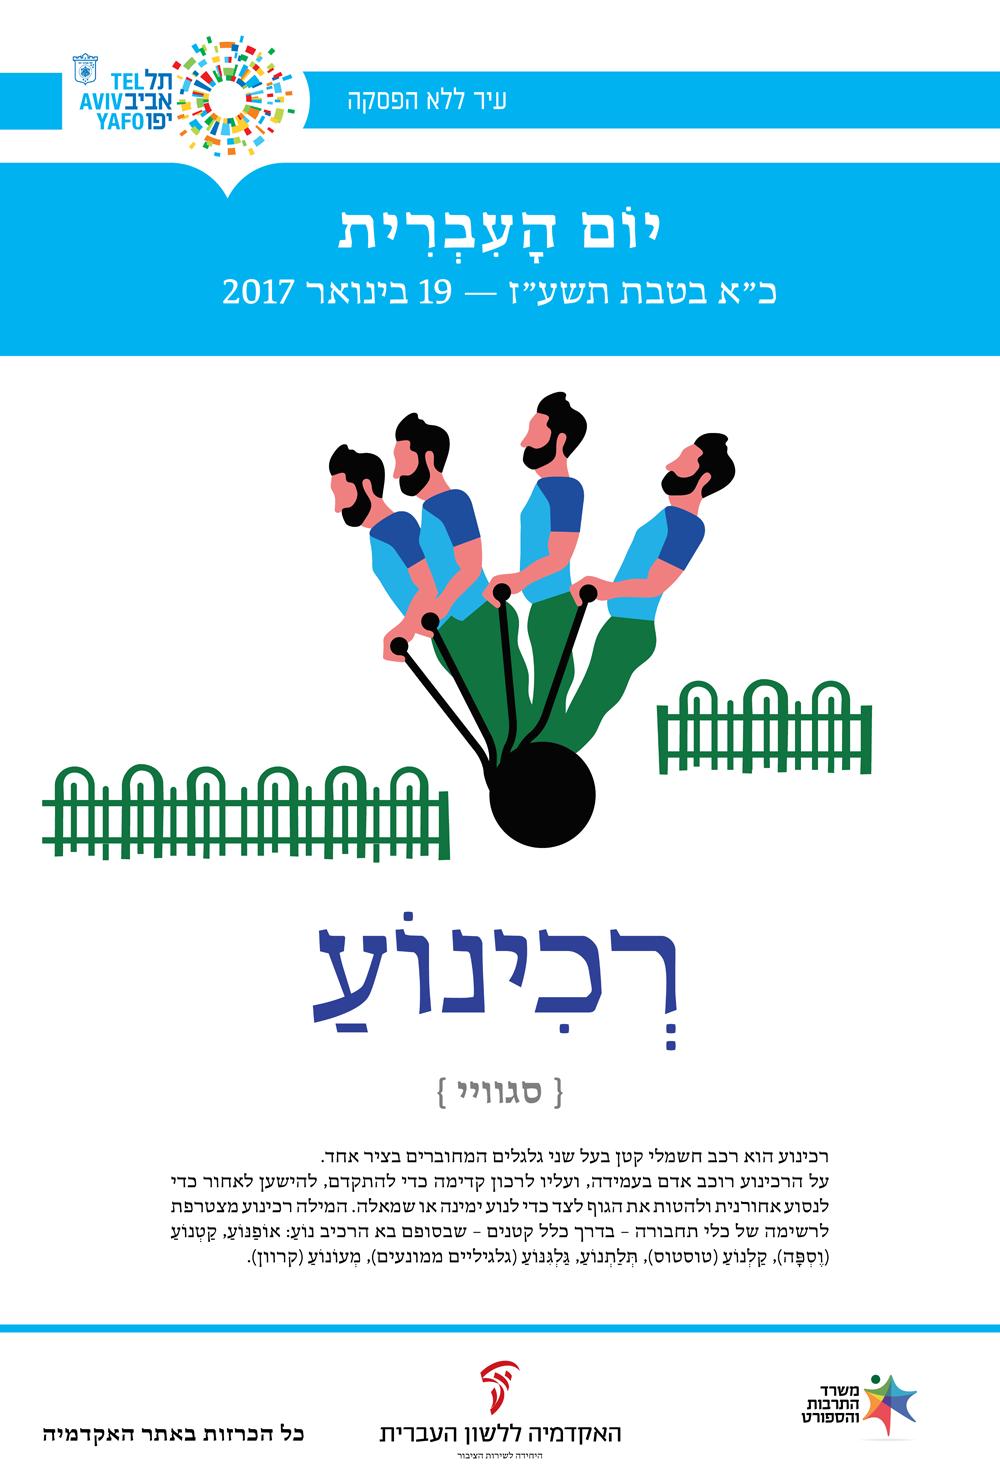 רכינוע - כרזה ליום העברית תשעז